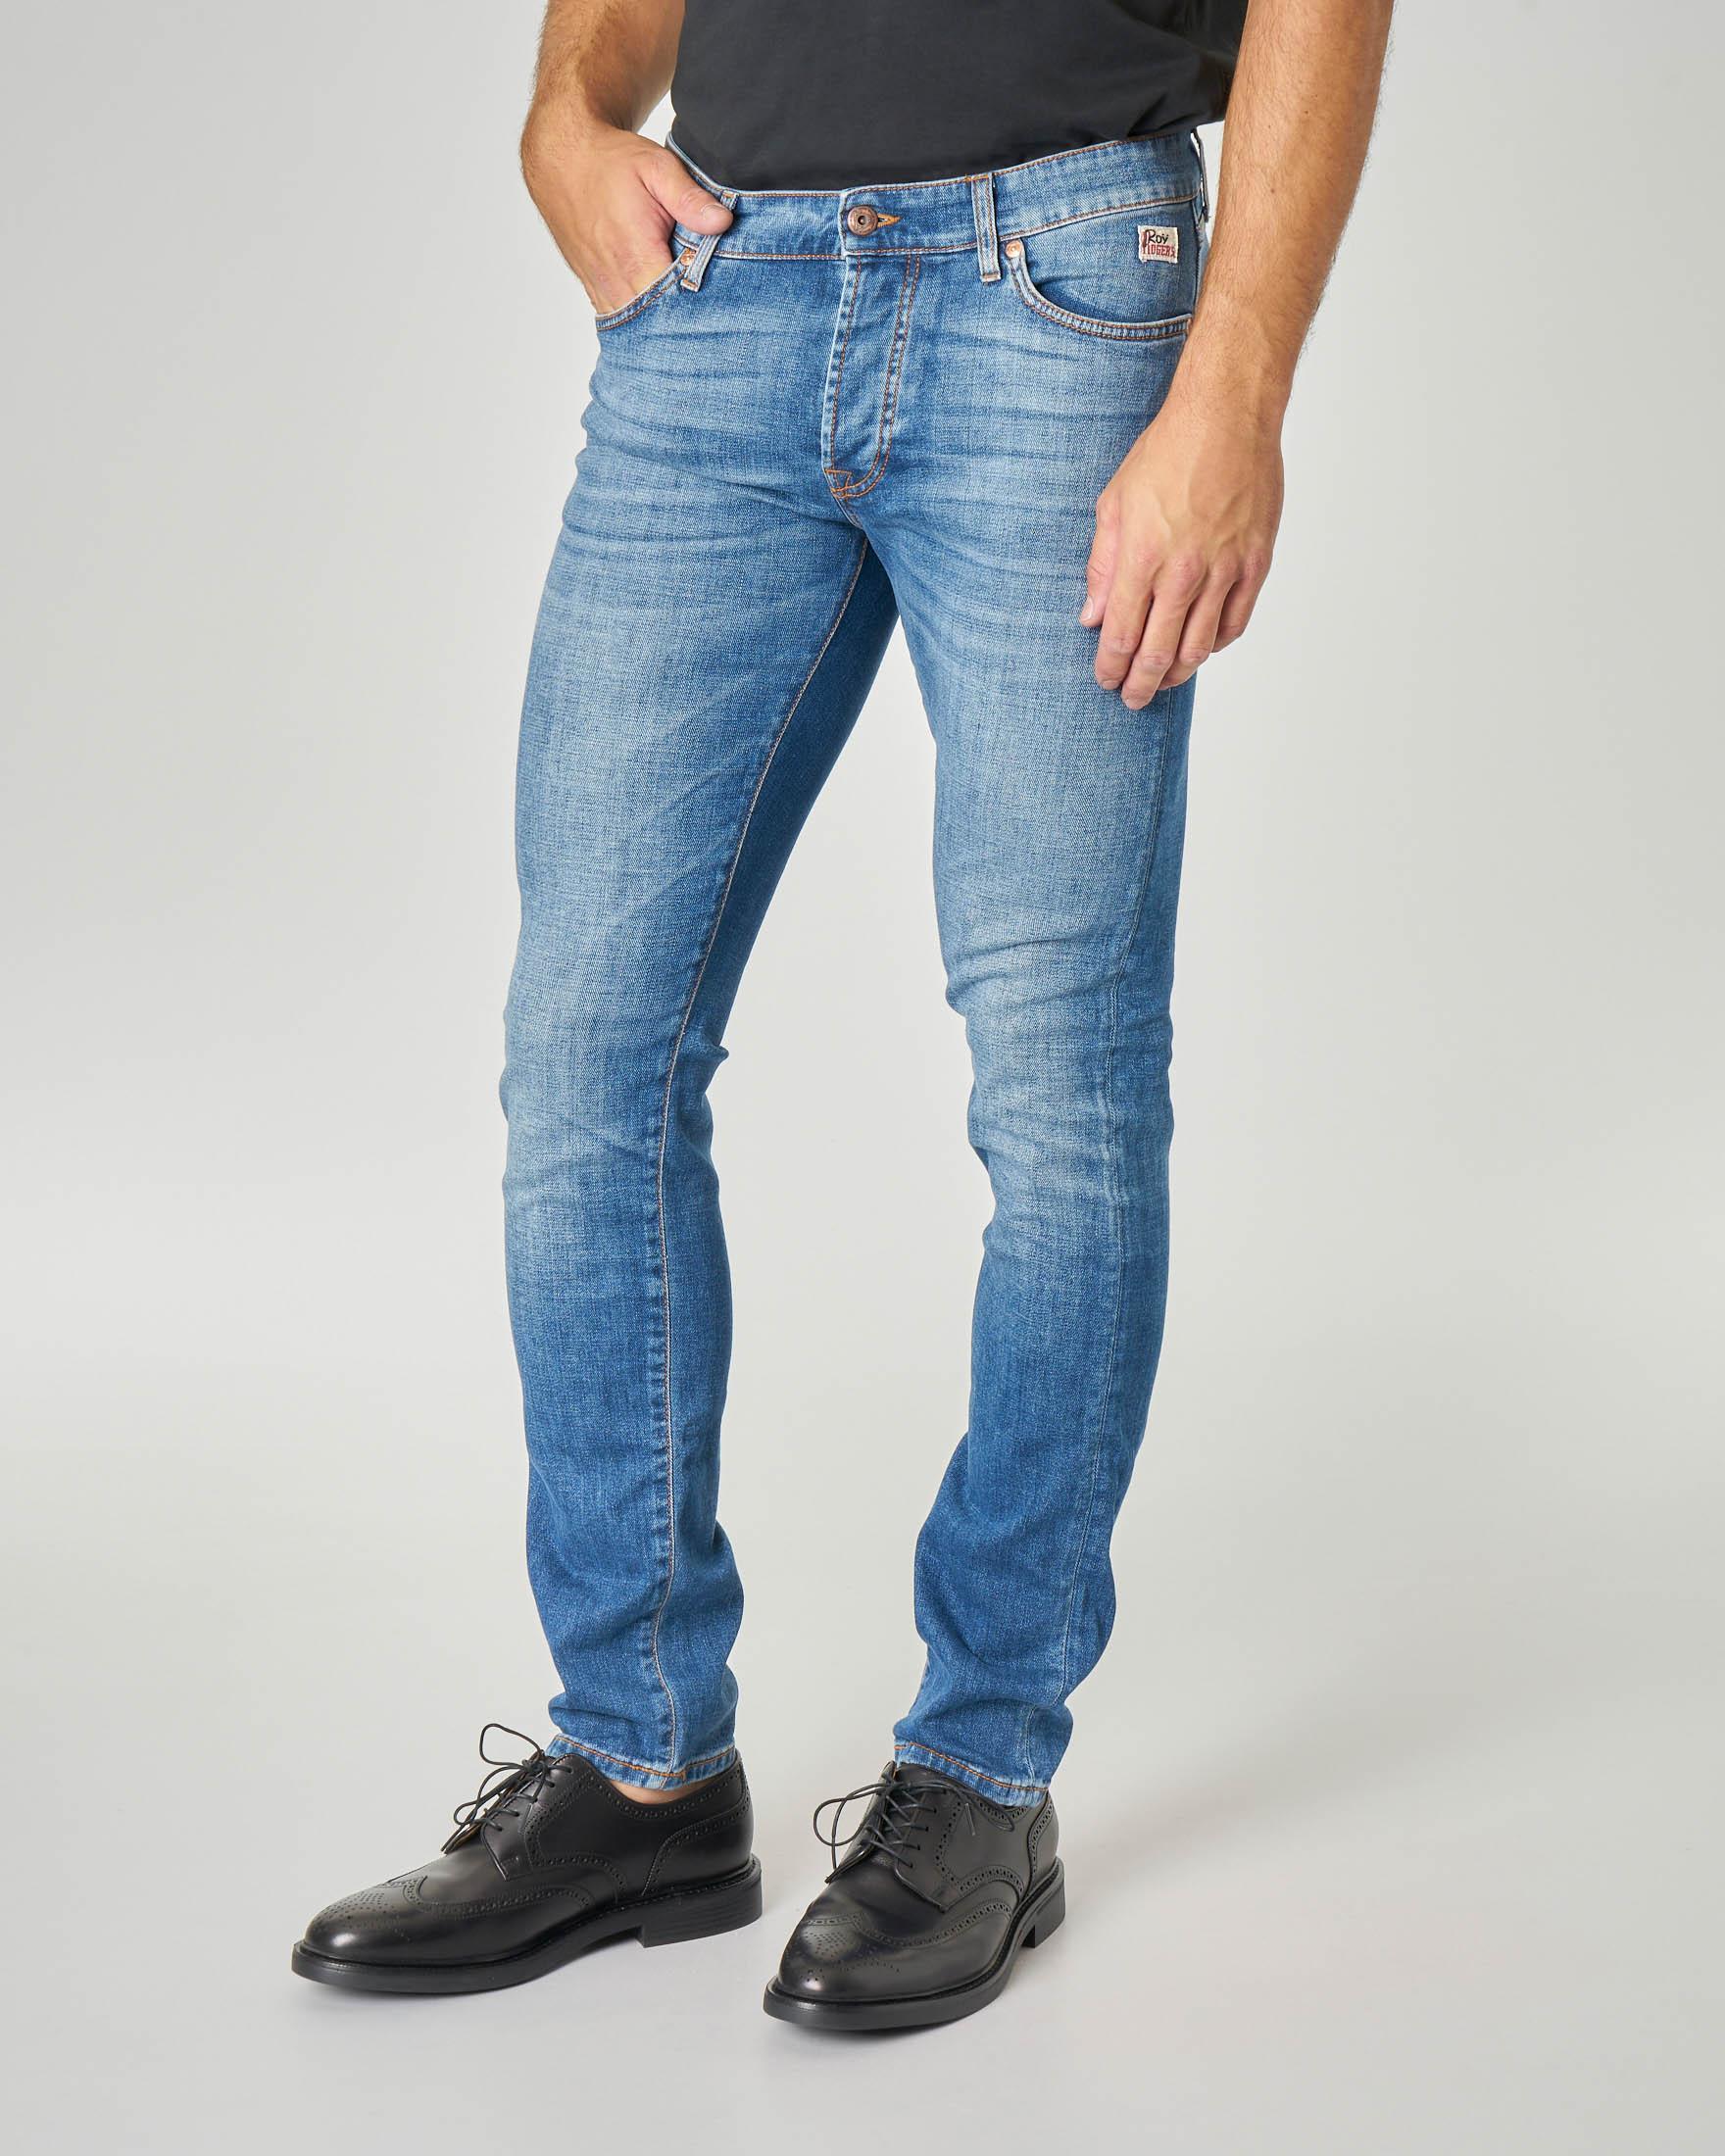 Jeans 529 Norizla lavaggio super stone wash